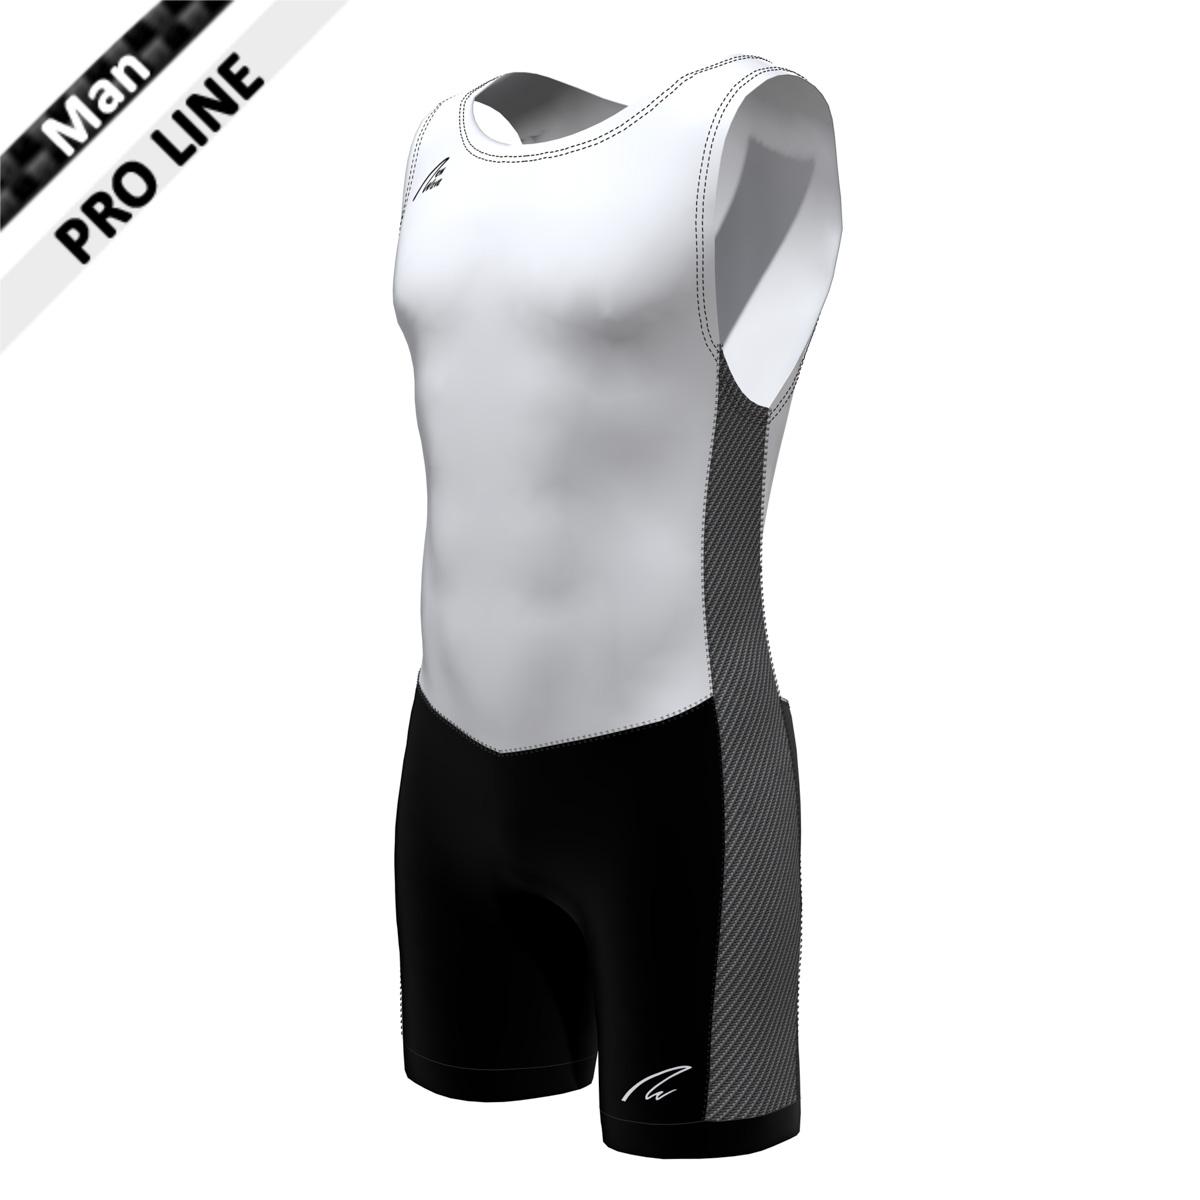 Pro Suit Man - White/Carbon; Body weiß, Rückenteil weiß, Hose schwarz, Seitenstreifen carbon